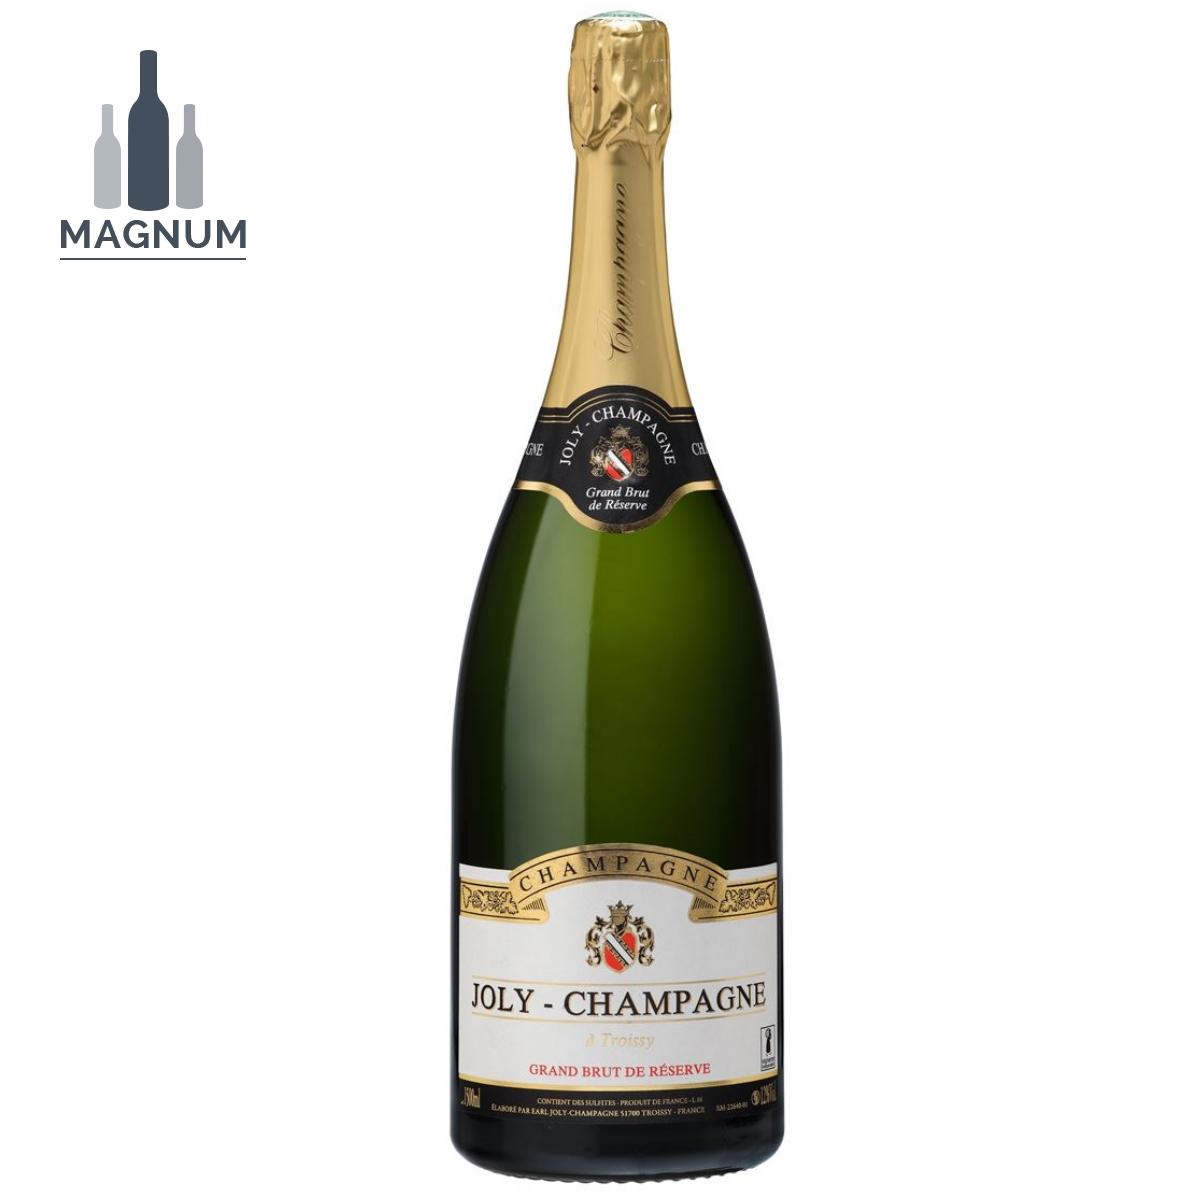 Magnum Champagne Joly Grand Brut de réserve AOP blanc